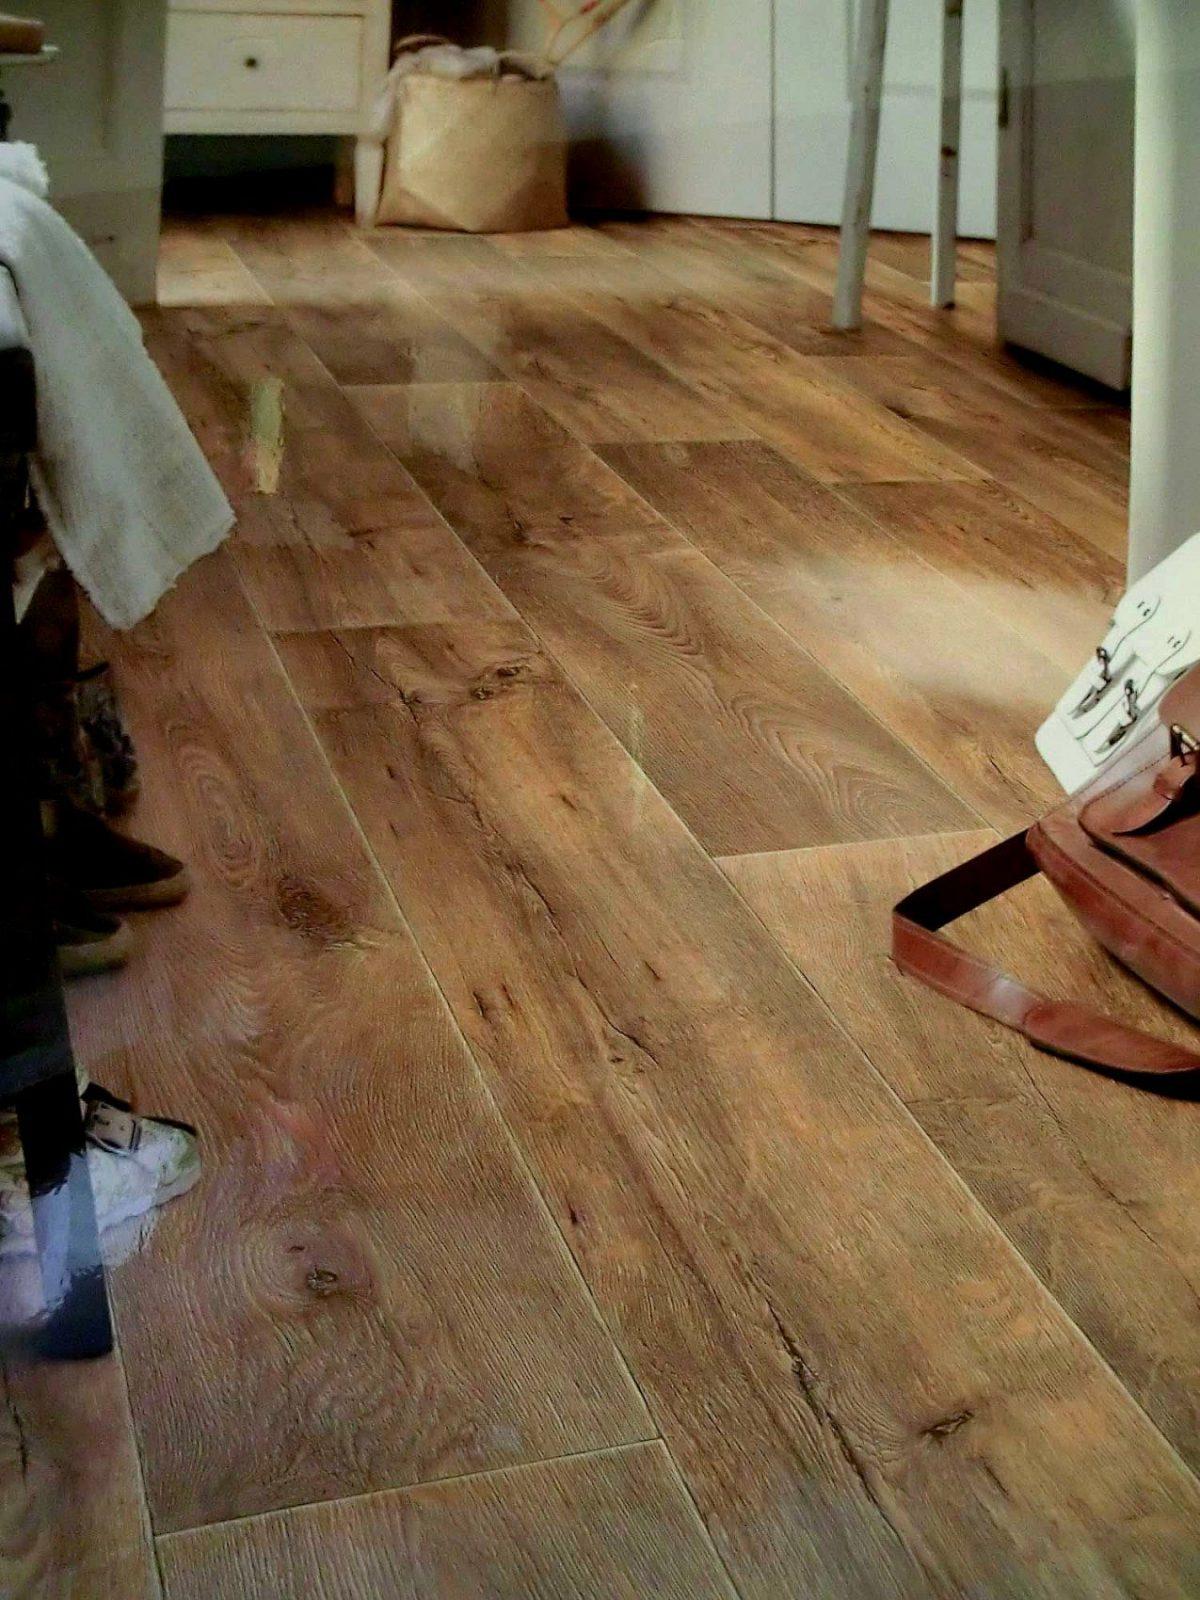 Teppichboden Für Badezimmer Meterware Best Sisal Teppich Ikea von Teppichboden Für Badezimmer Meterware Photo